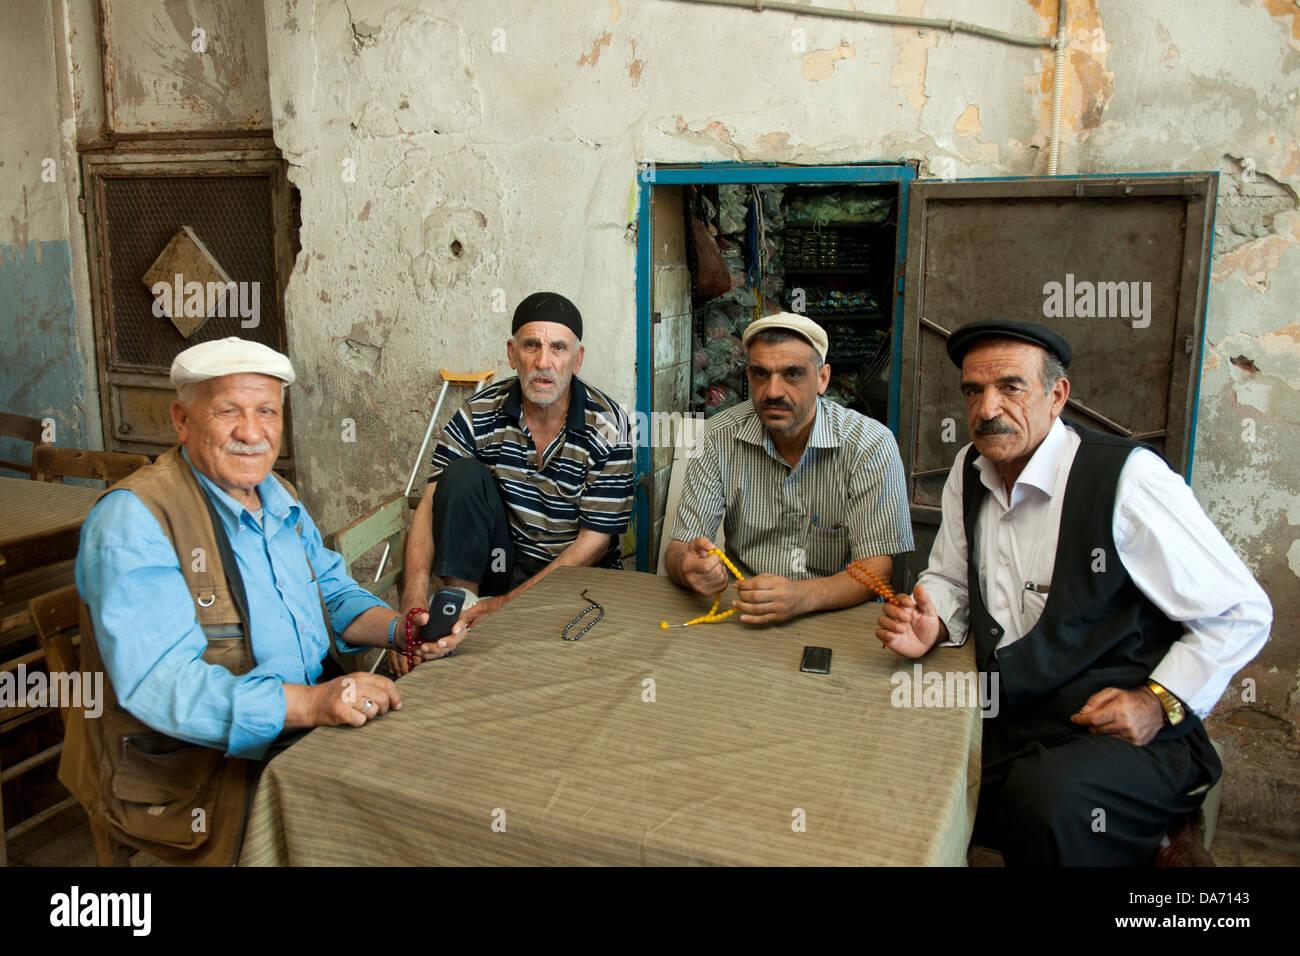 Türkei, Adana, Männer in Kahve im alten Baazar-Viertel beim Uhrturm - Stock Image